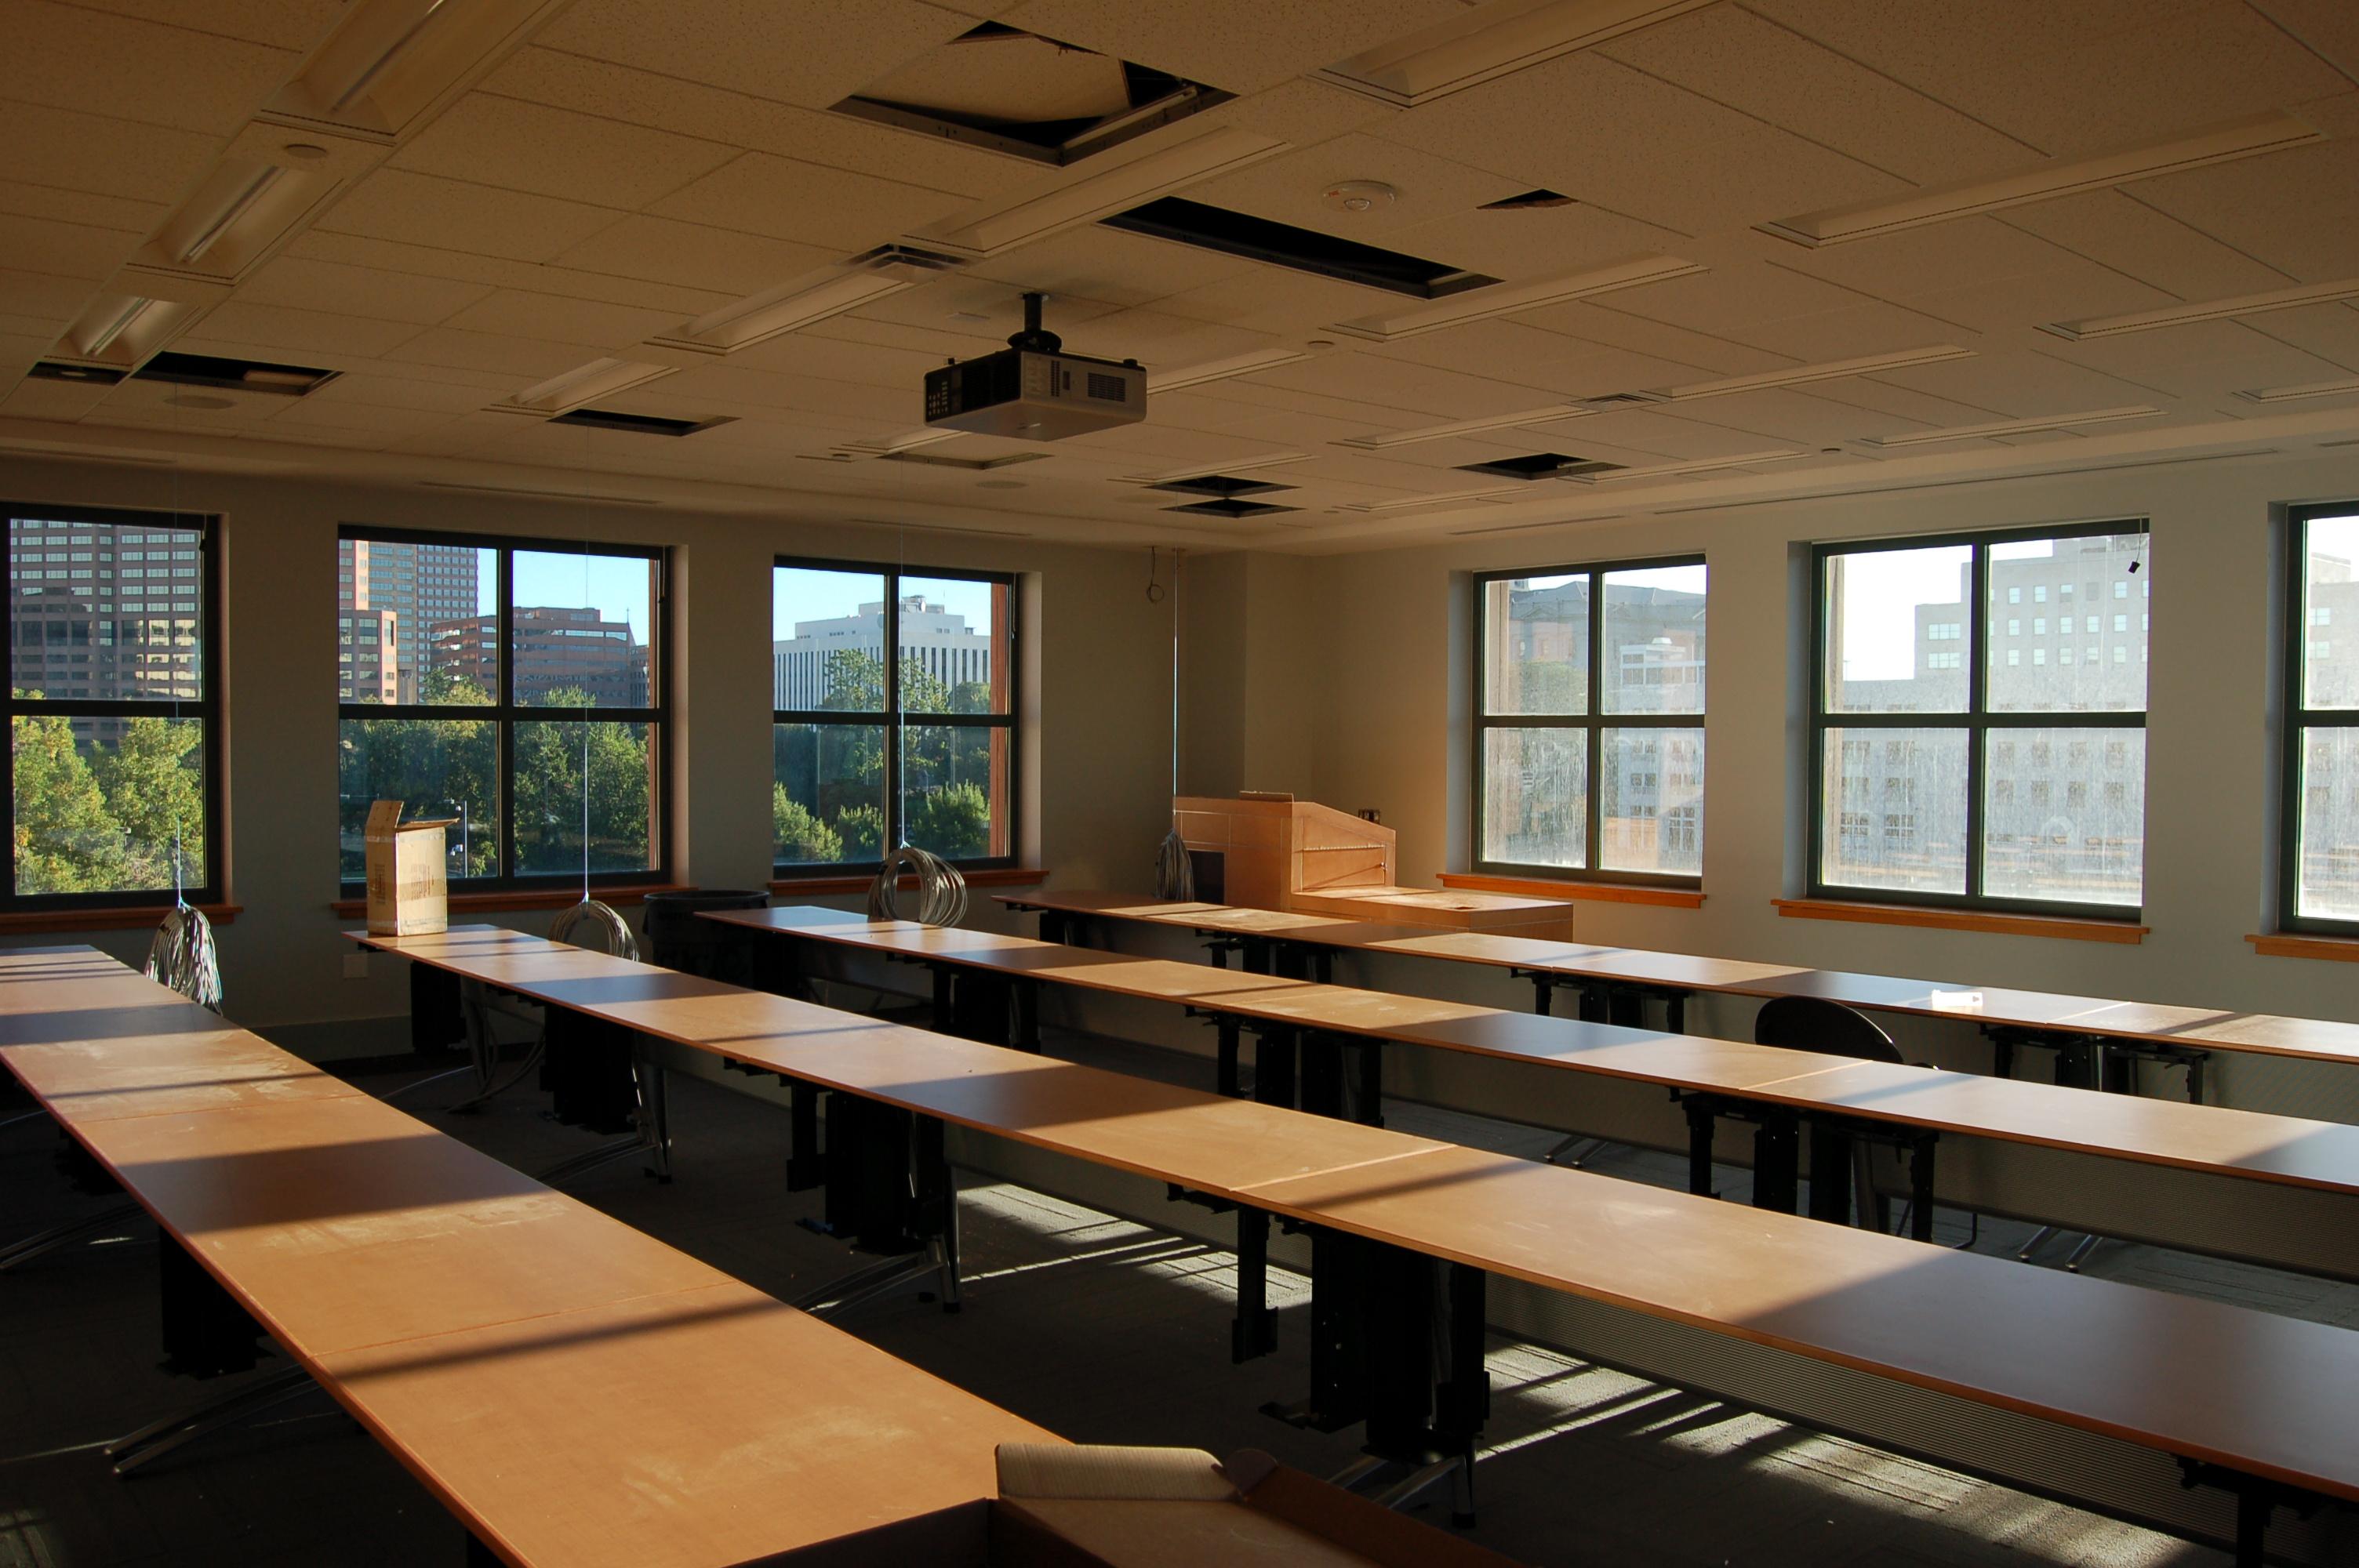 Classroom window - Classroom